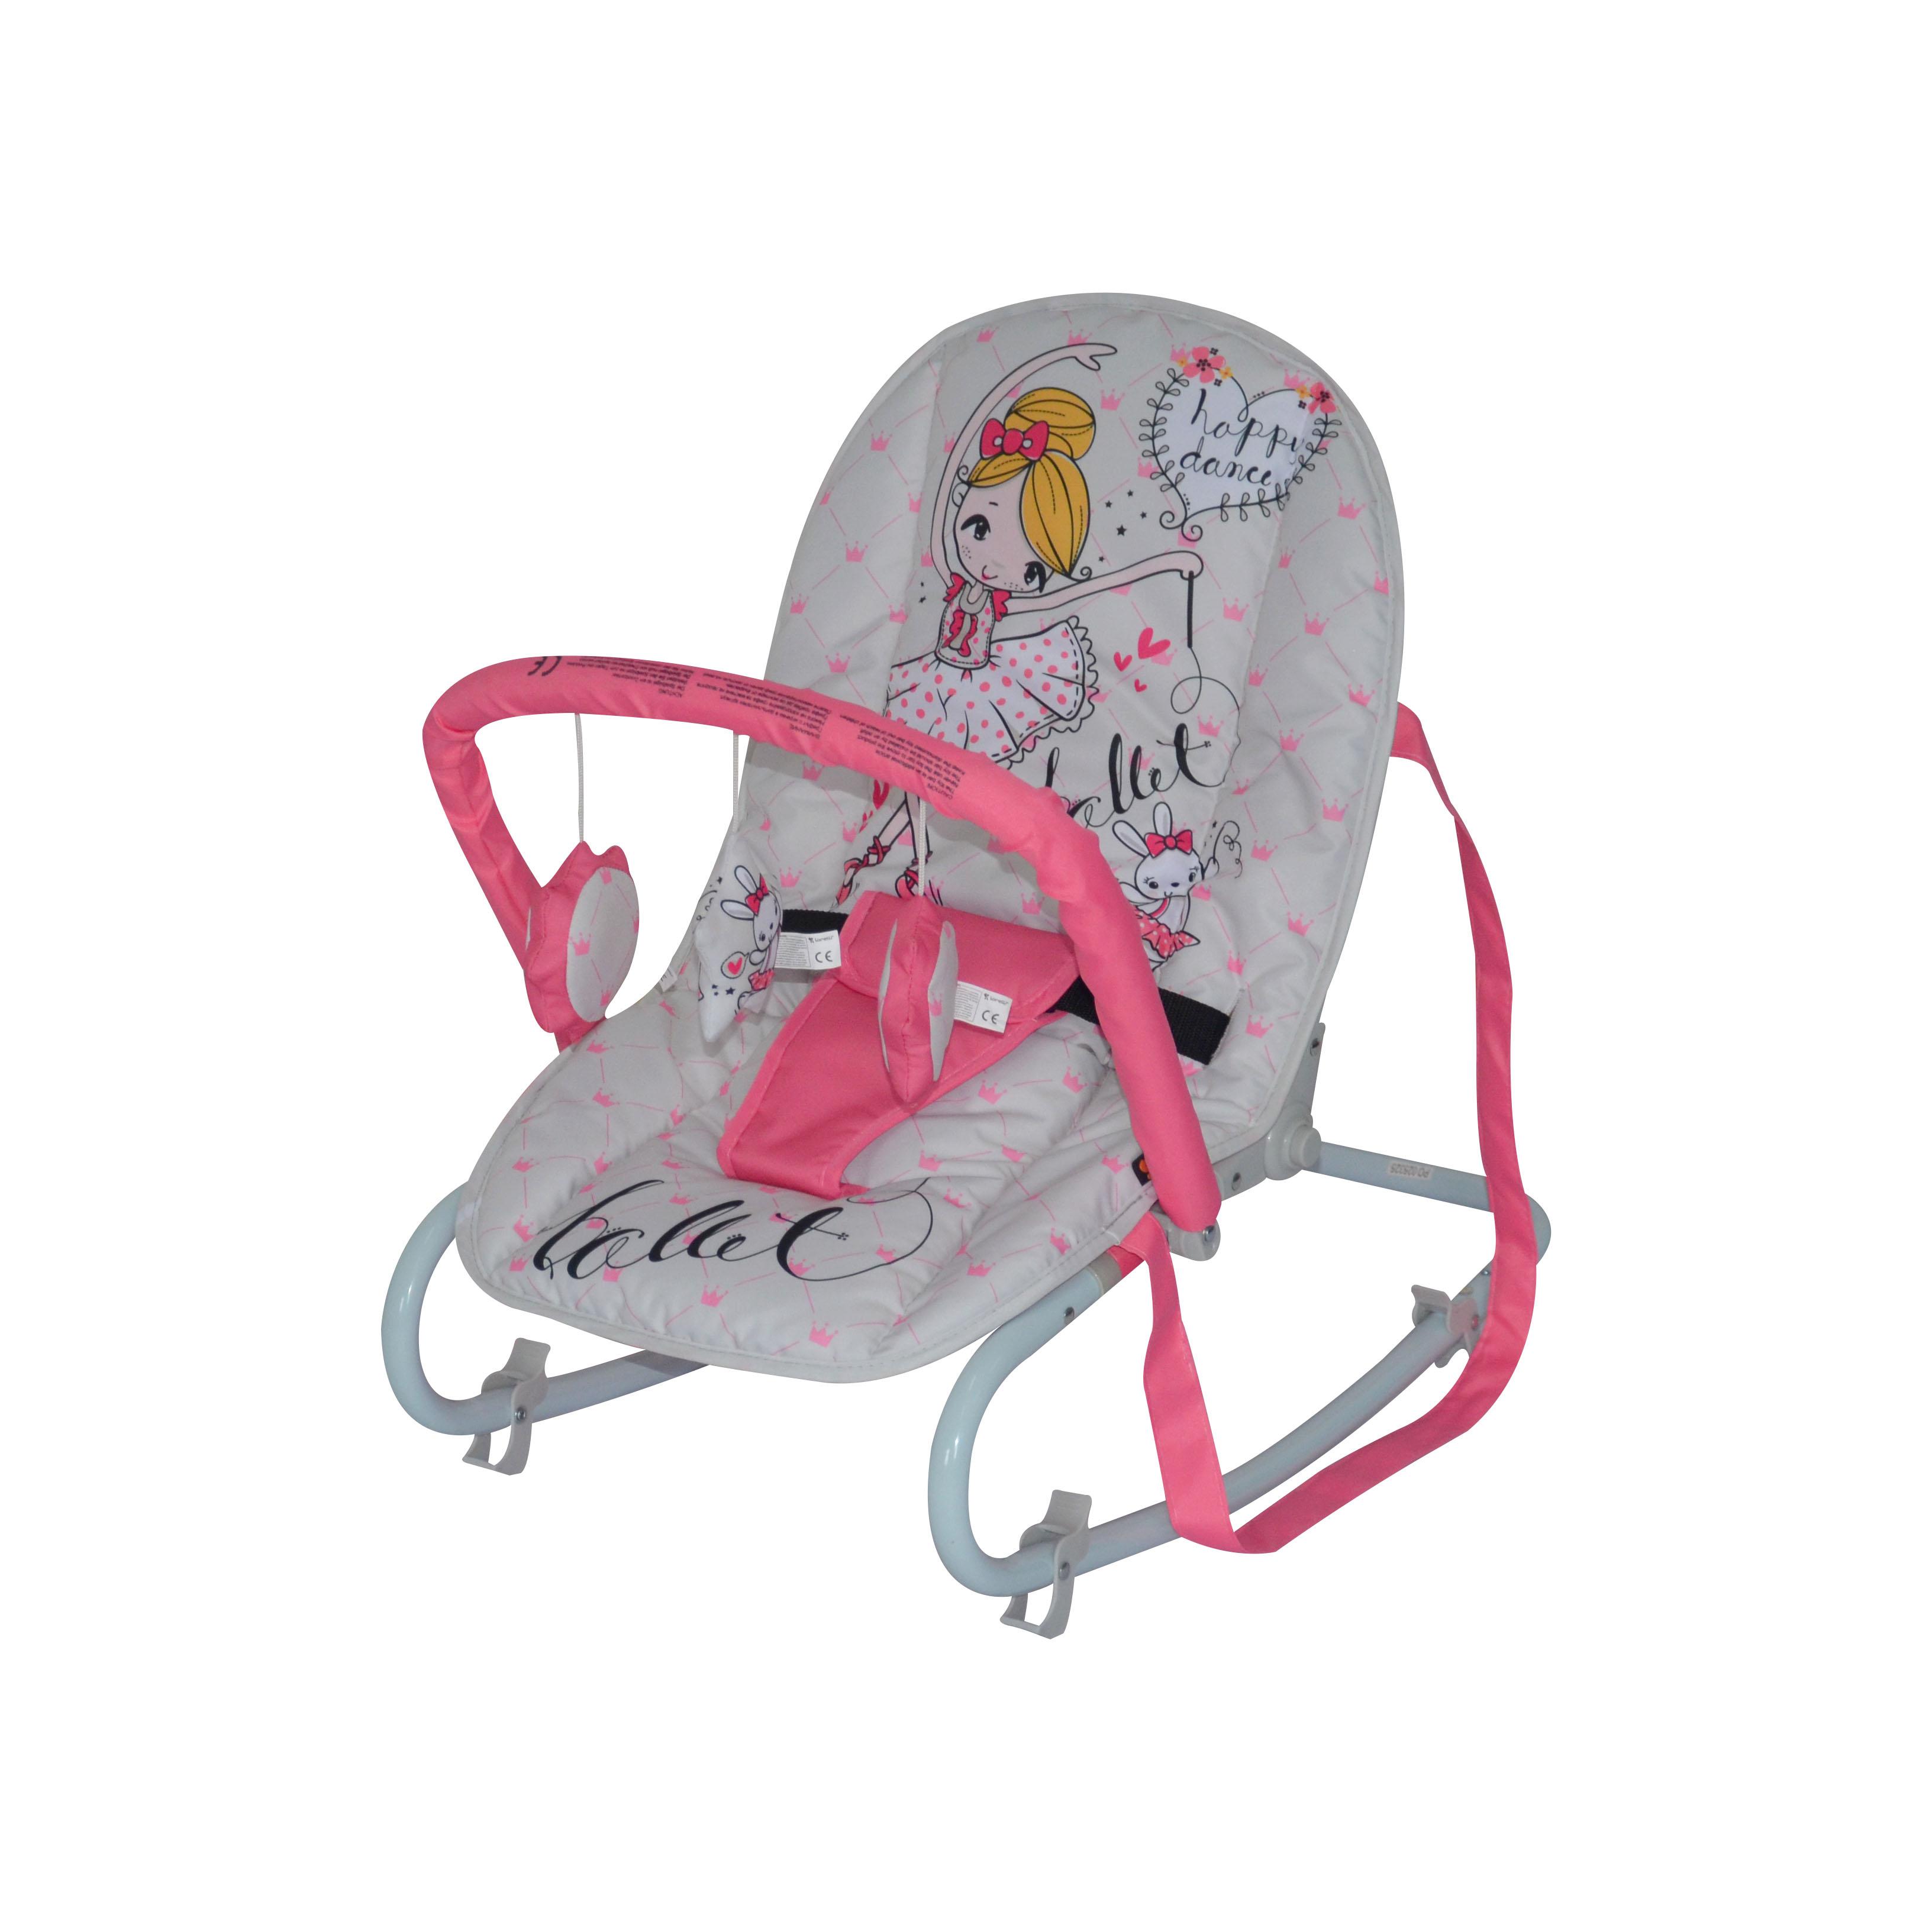 Шезлонг для новорожденных Lorelli Top relax, 10110021933 розовый, серый